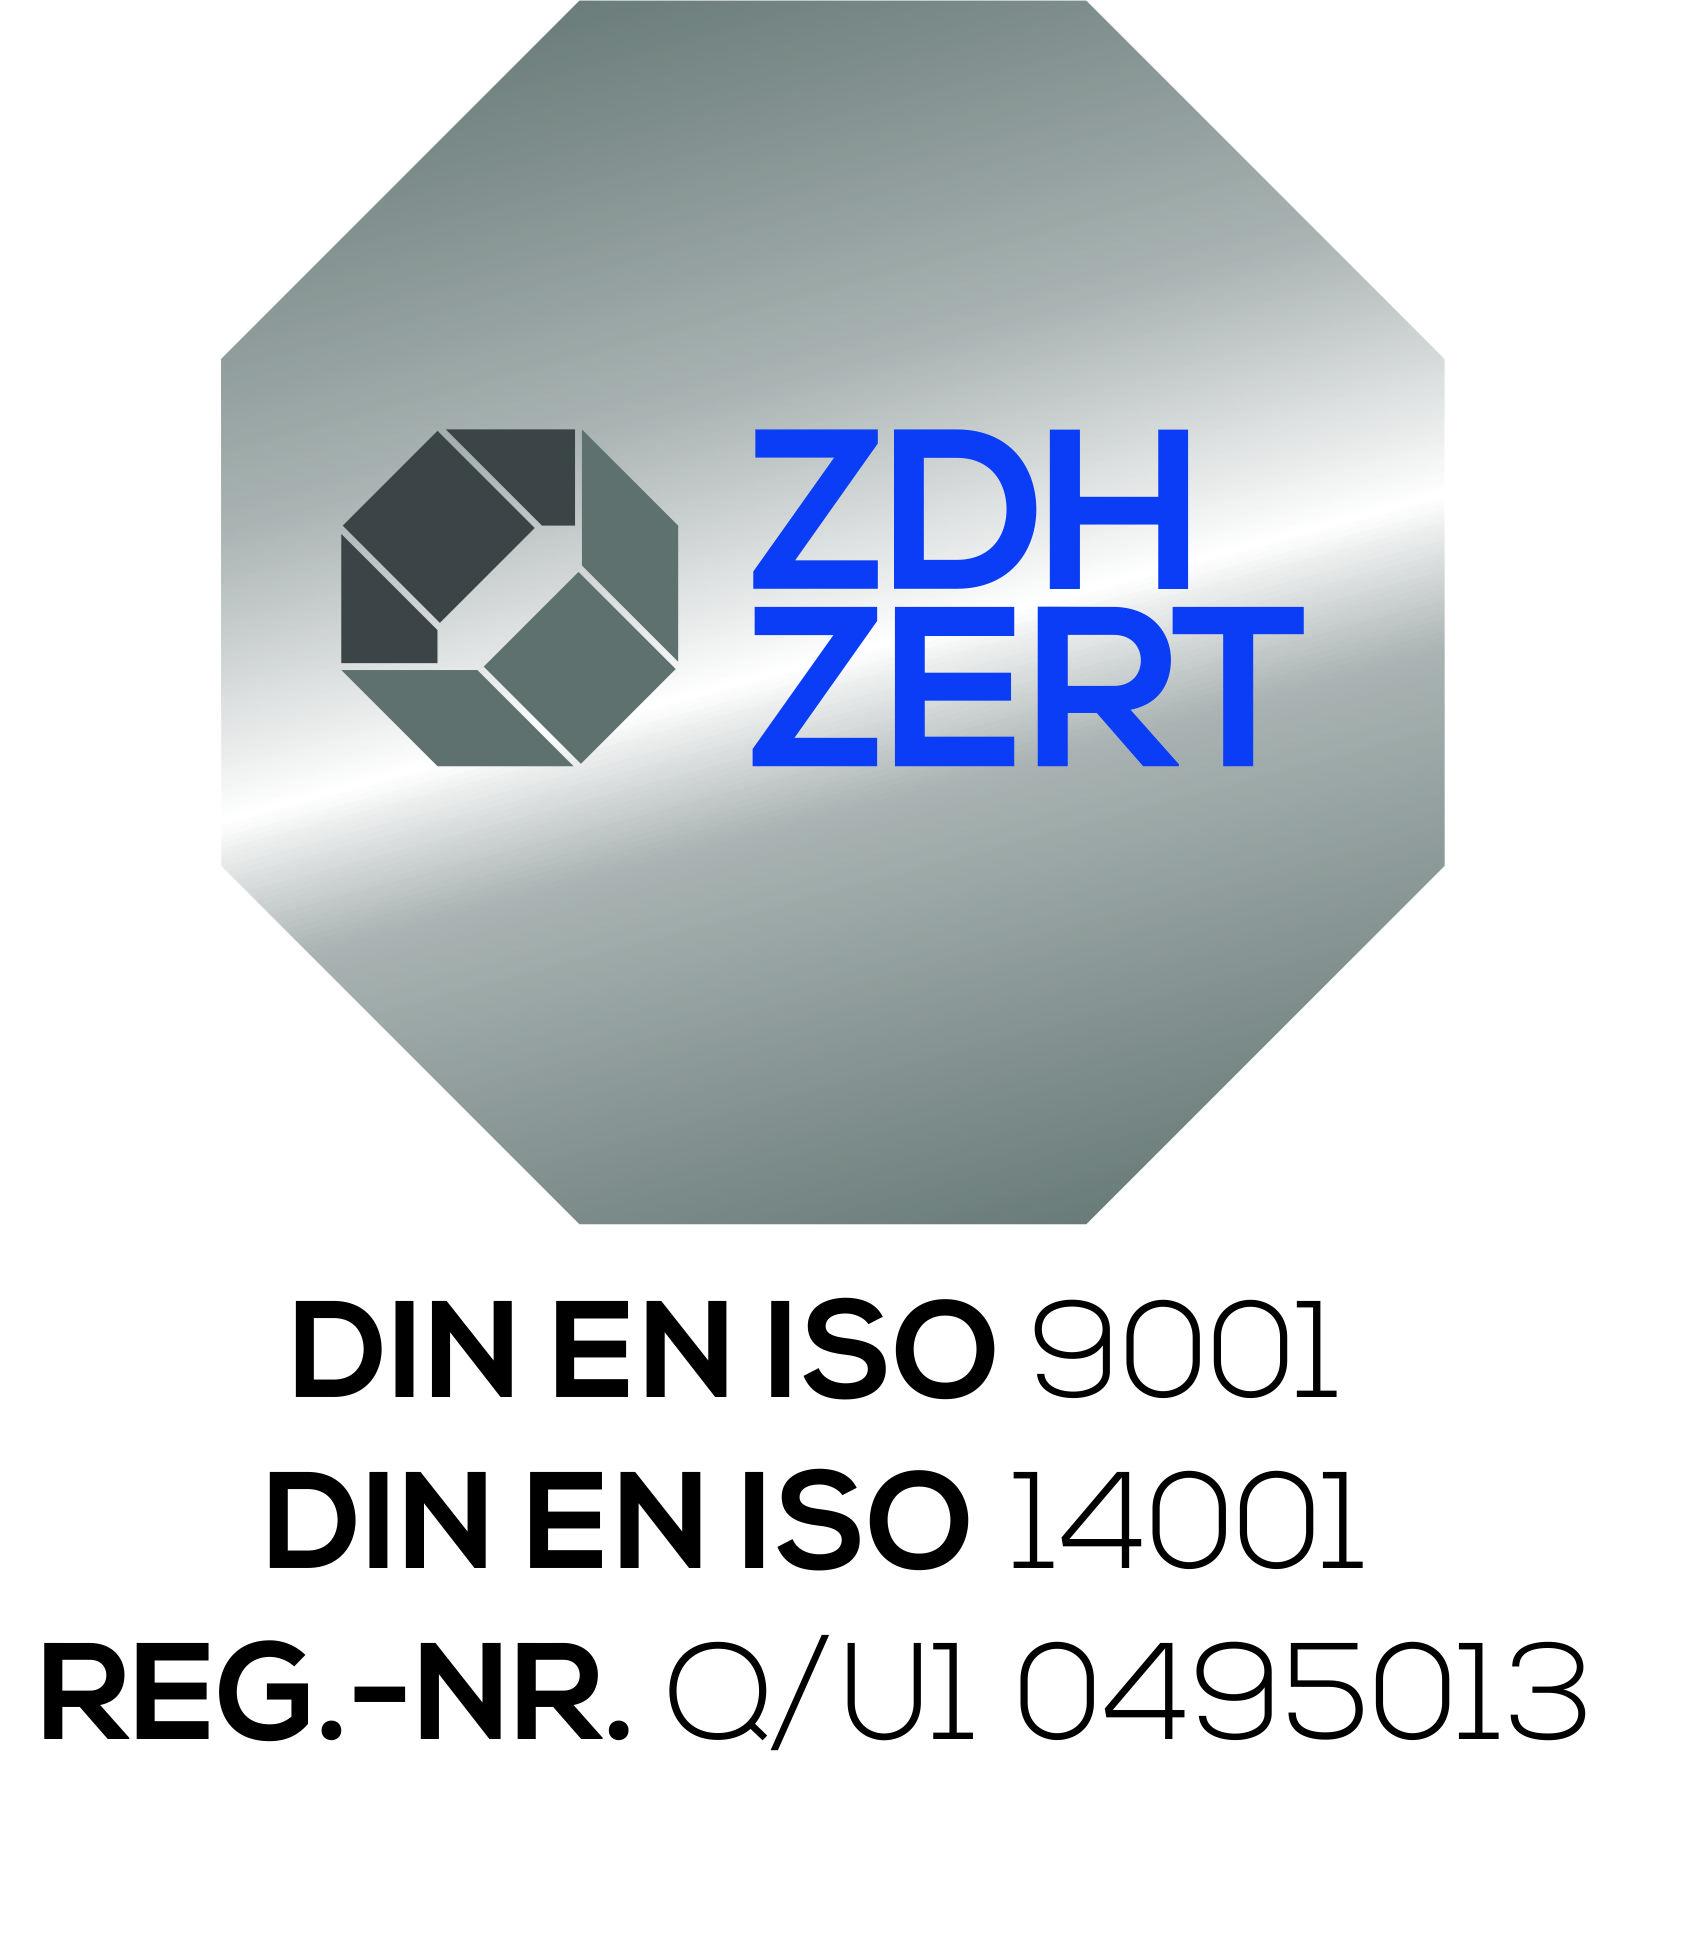 DIN EN ISO 9001 DIN EN ISO 14001